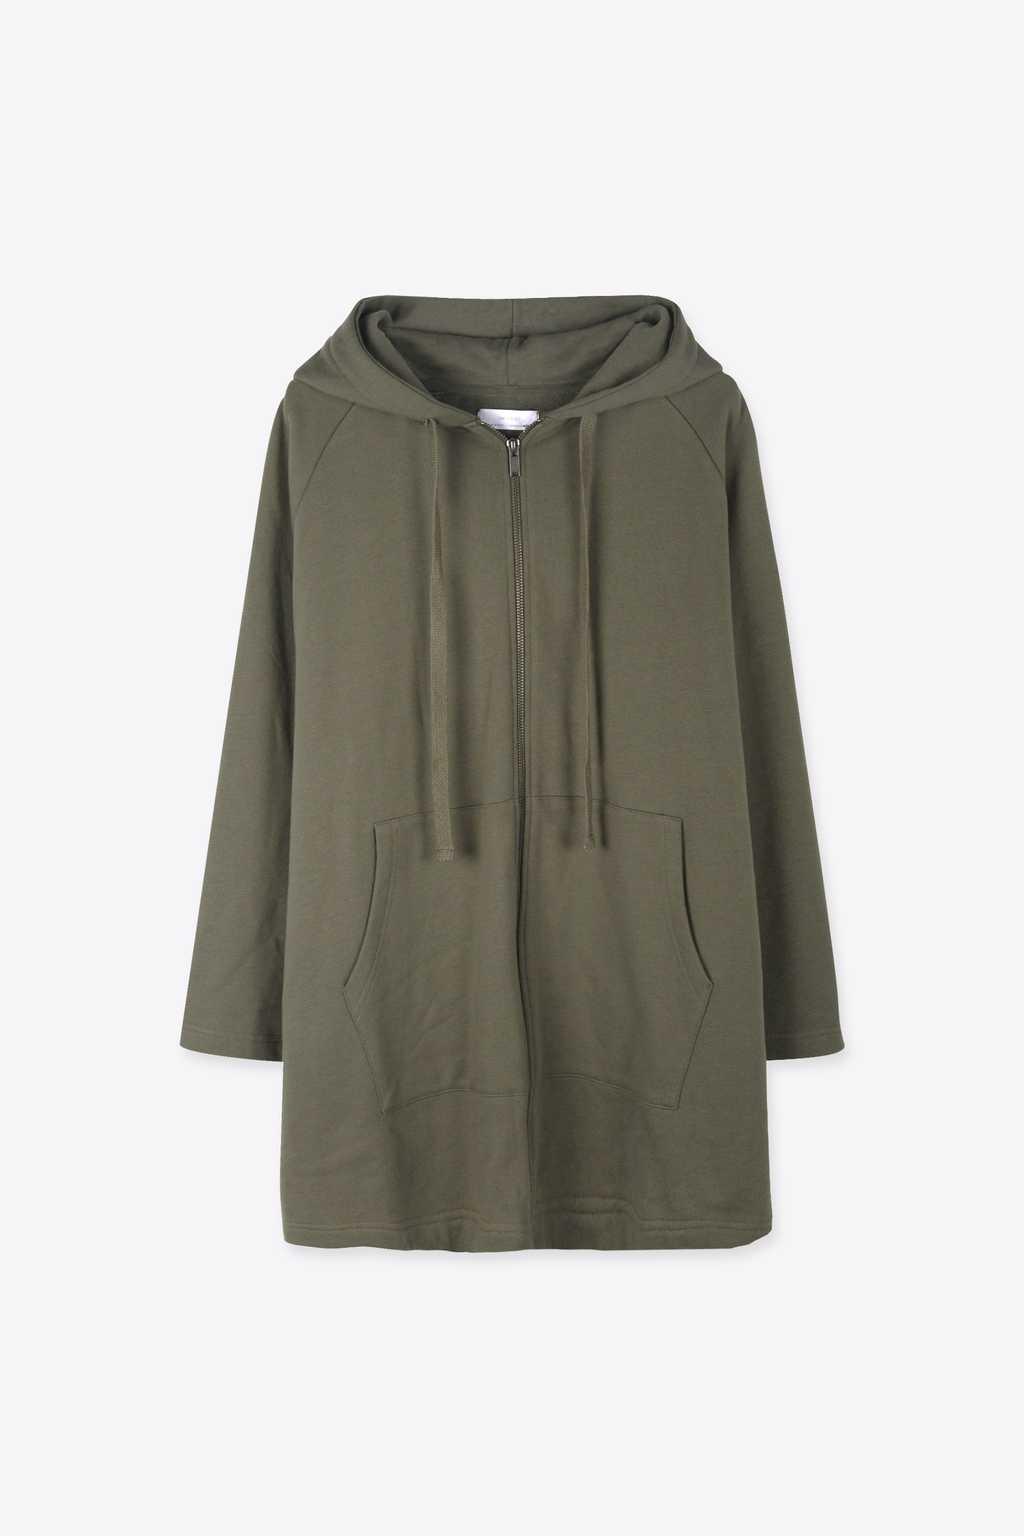 Hoodie 1432 Olive 10